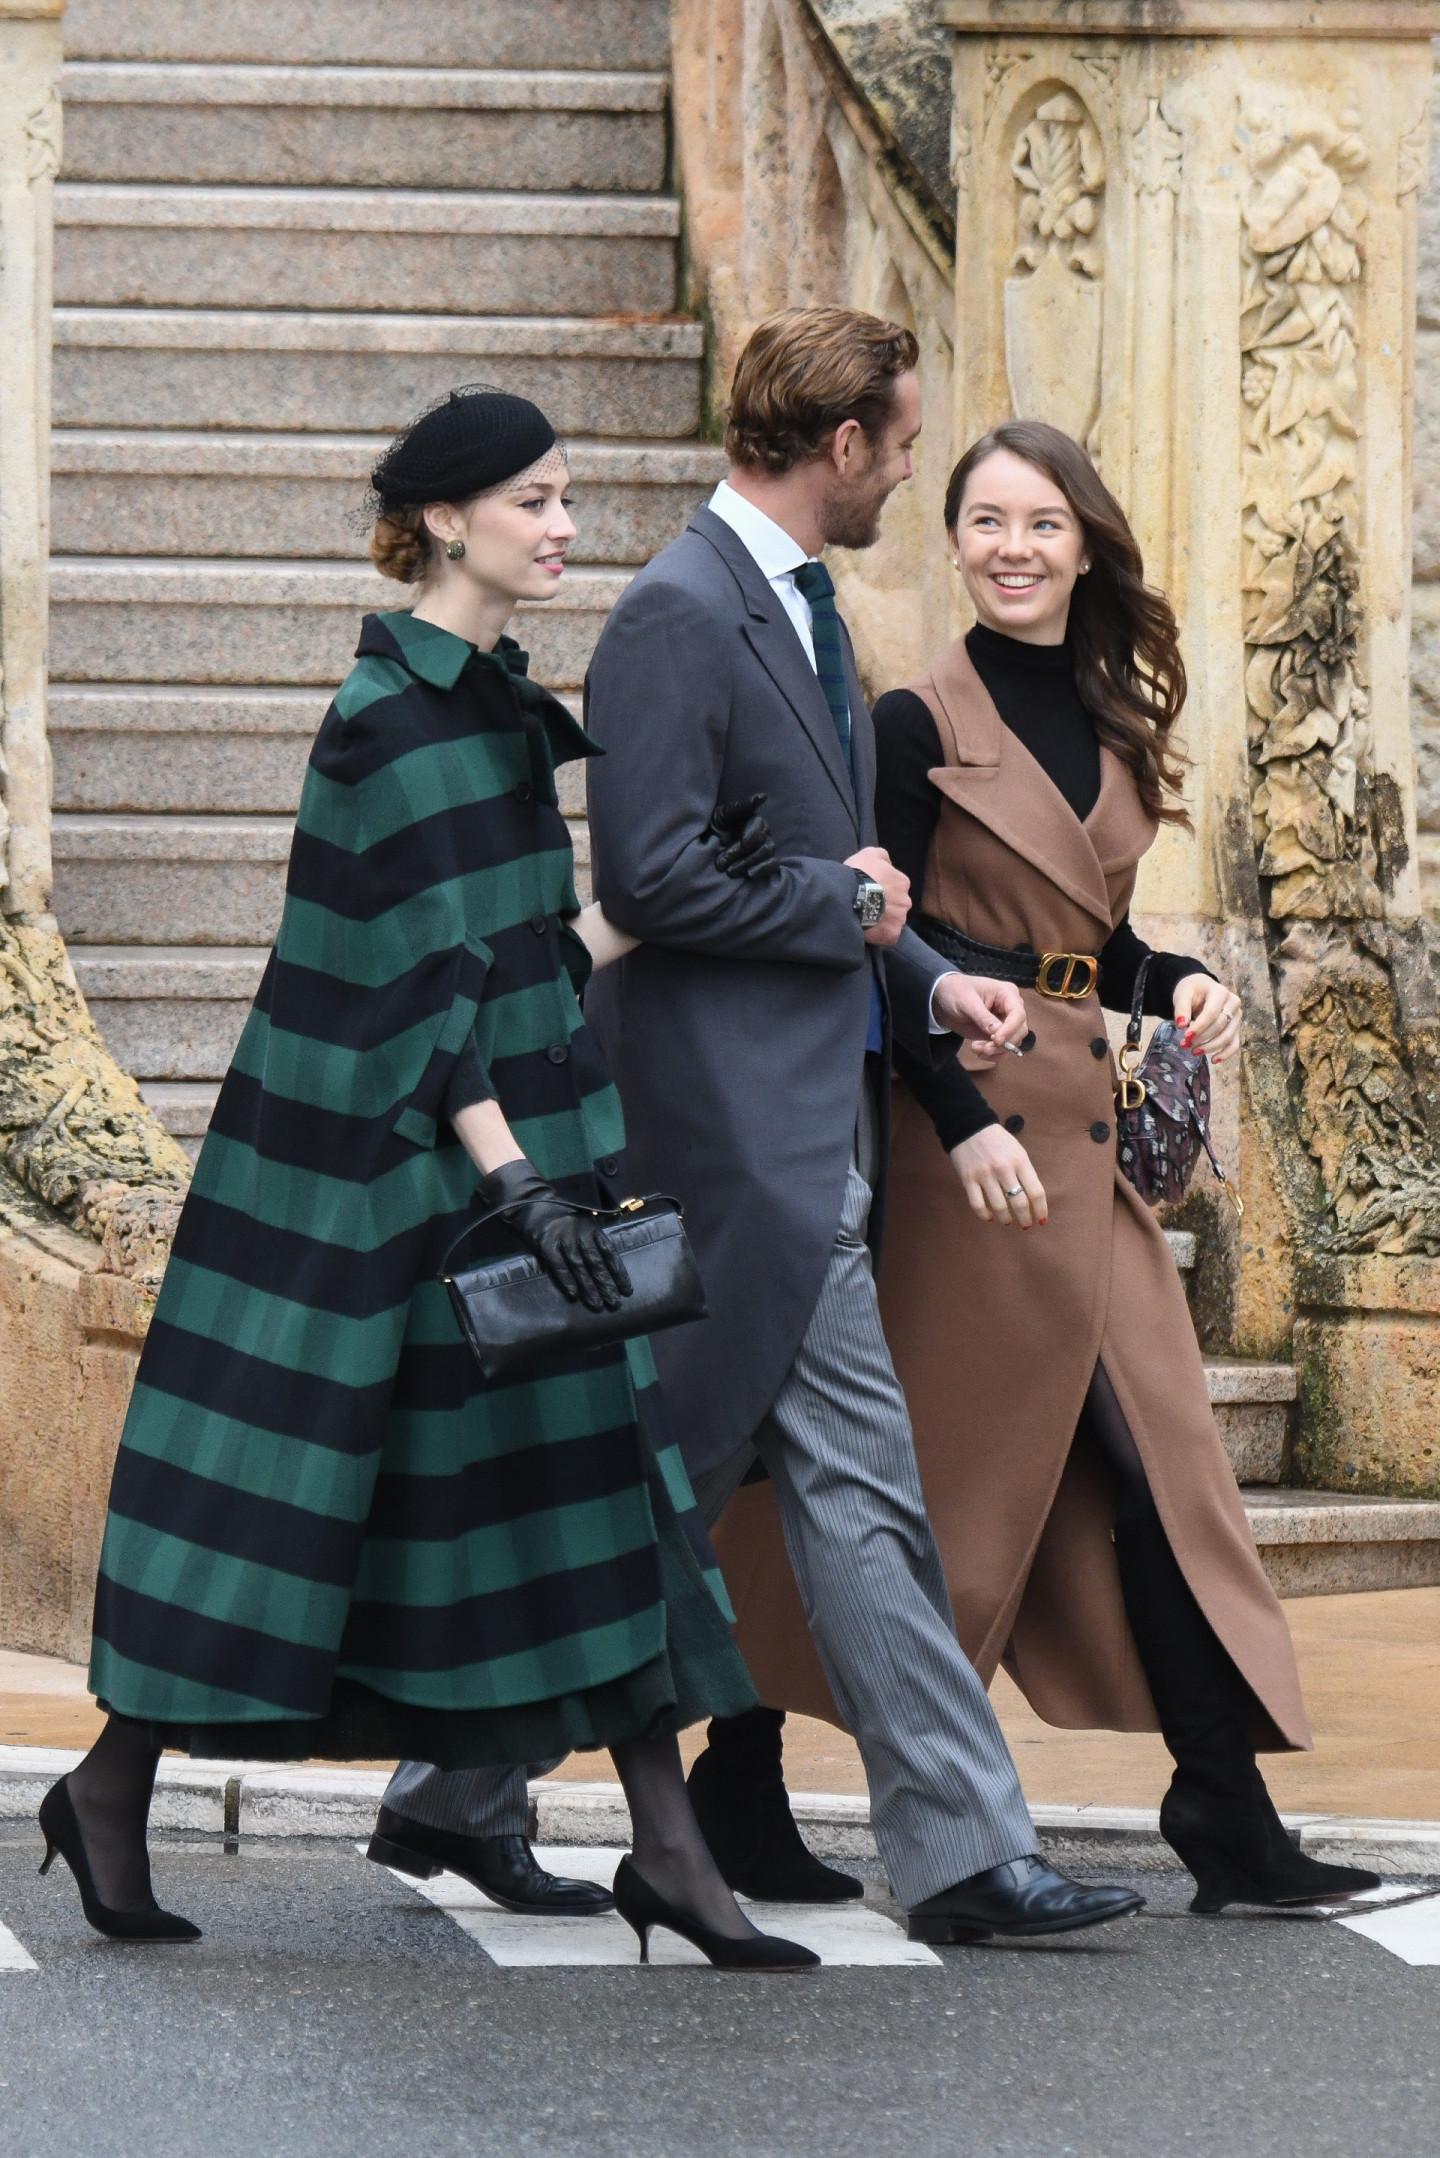 Беатриче Борромео-Казираги,Пьер Казираги и принцесса Александра Ганноверская во время празднования Национального дня Монако, 2019